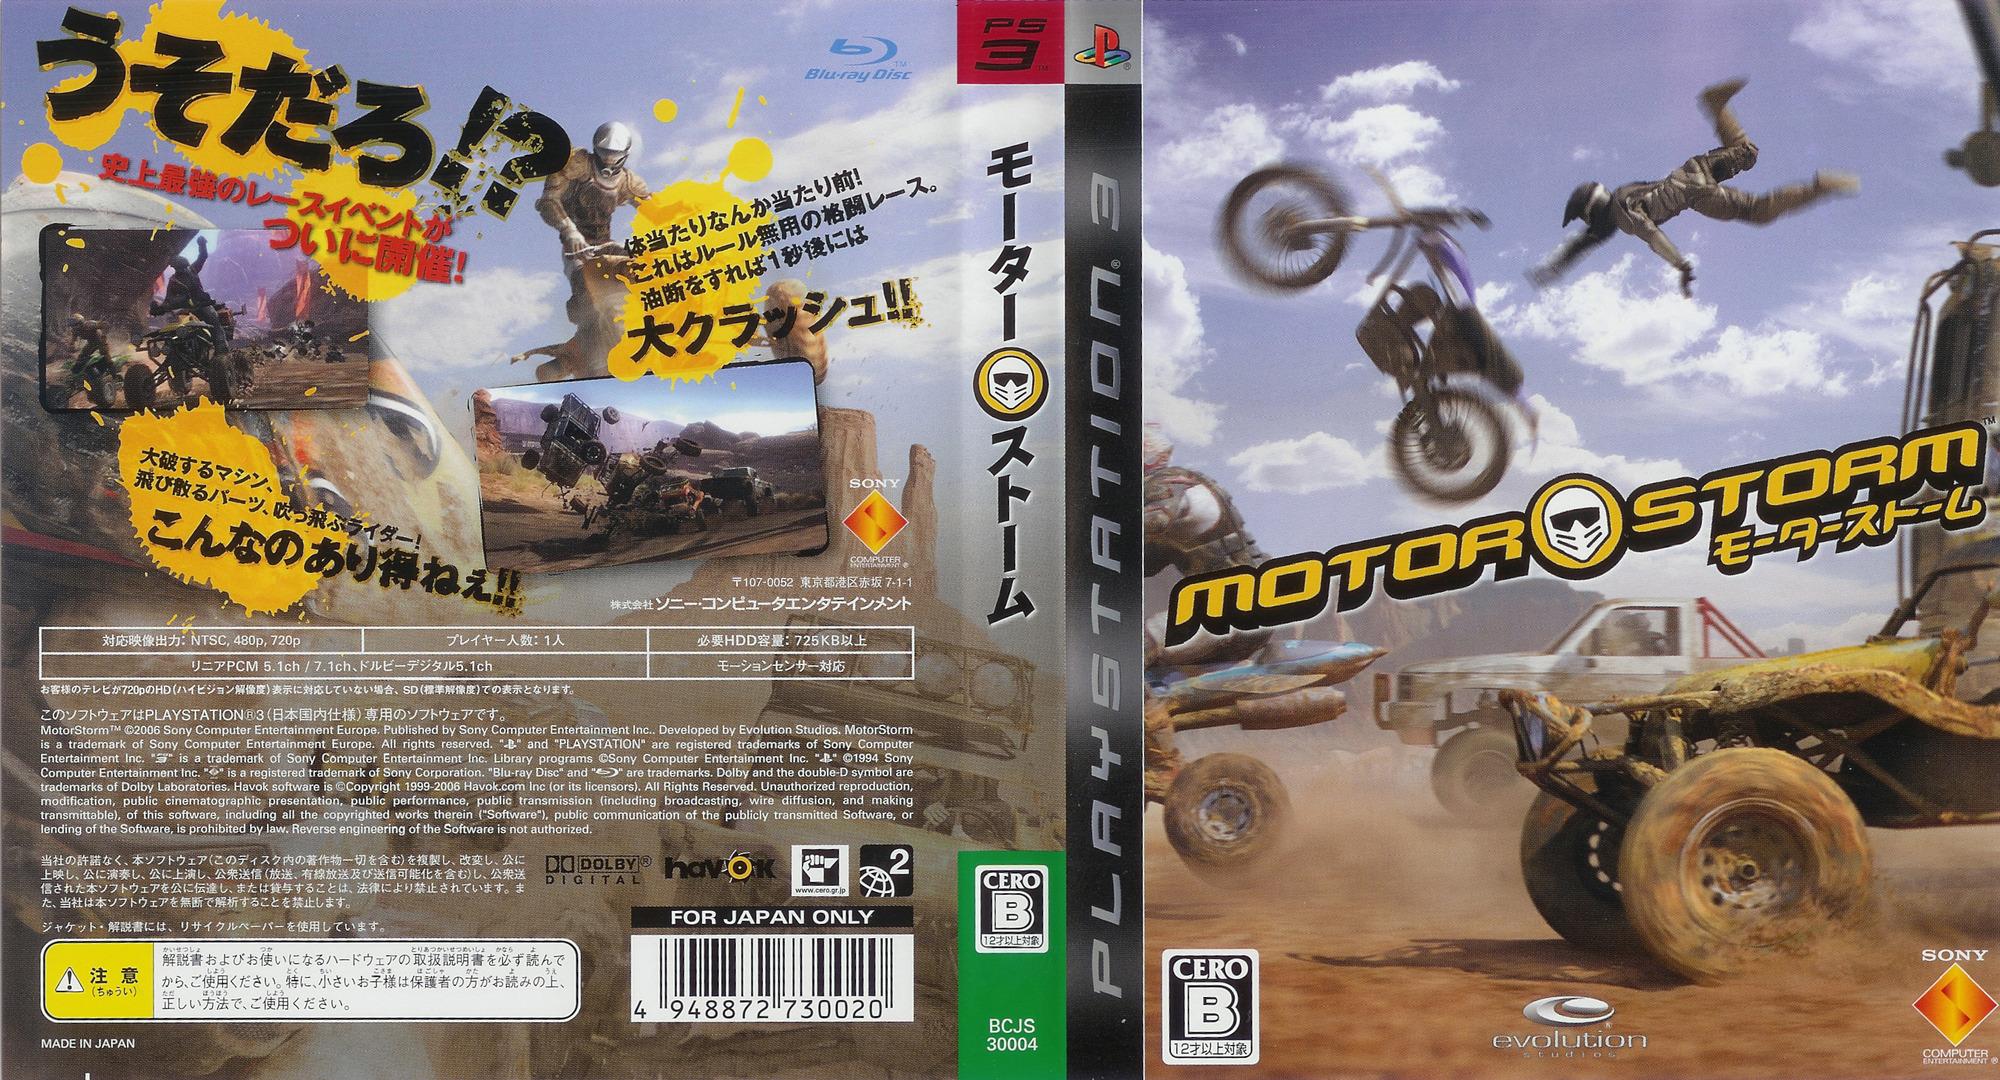 モーターストーム PS3 coverfullHQ (BCJS30004)